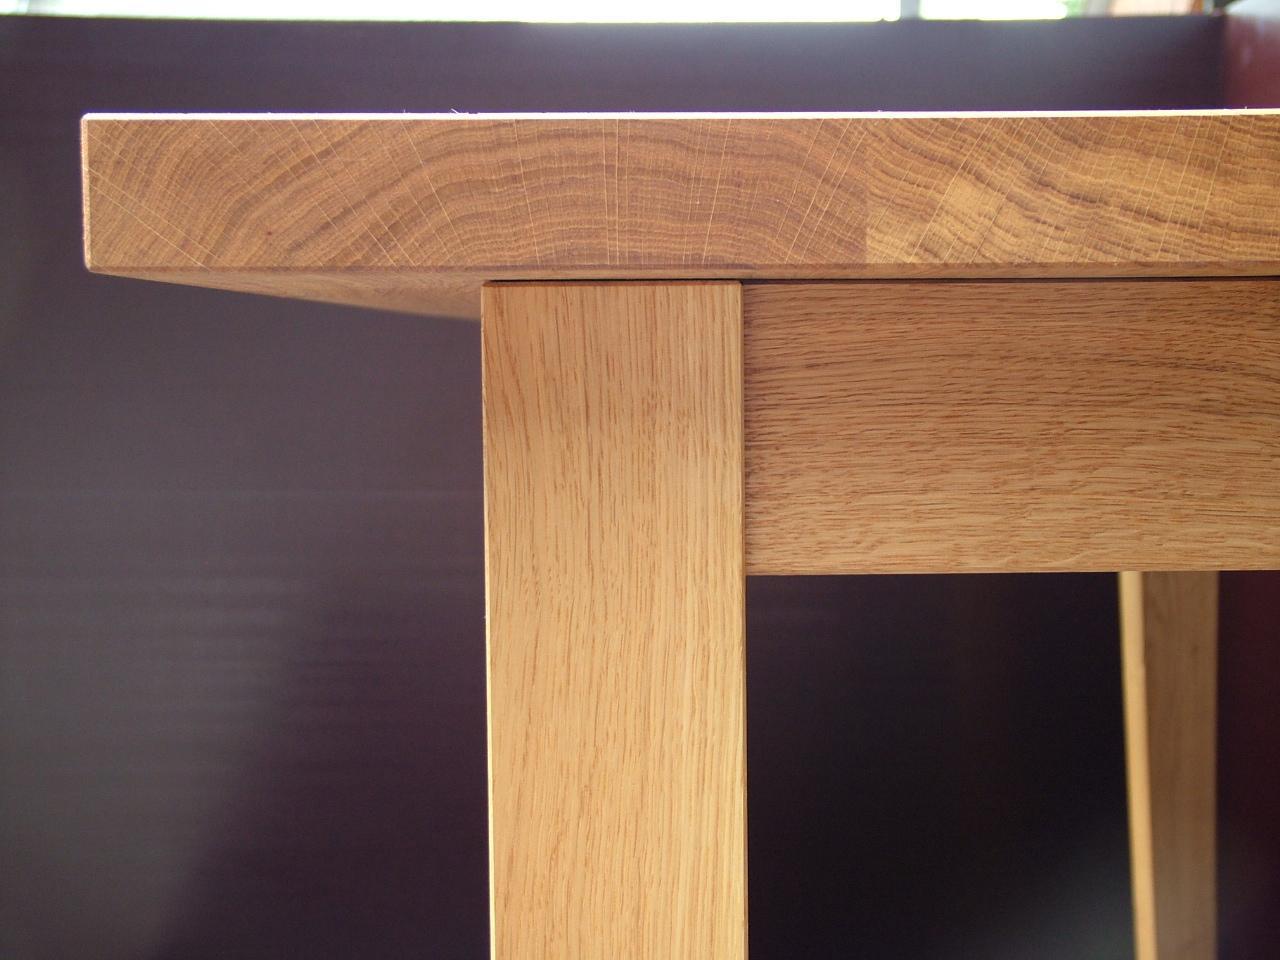 Tavoli da cucina design 1 0 5 0 pezzi all 39 anno for Tavoli da cucina design